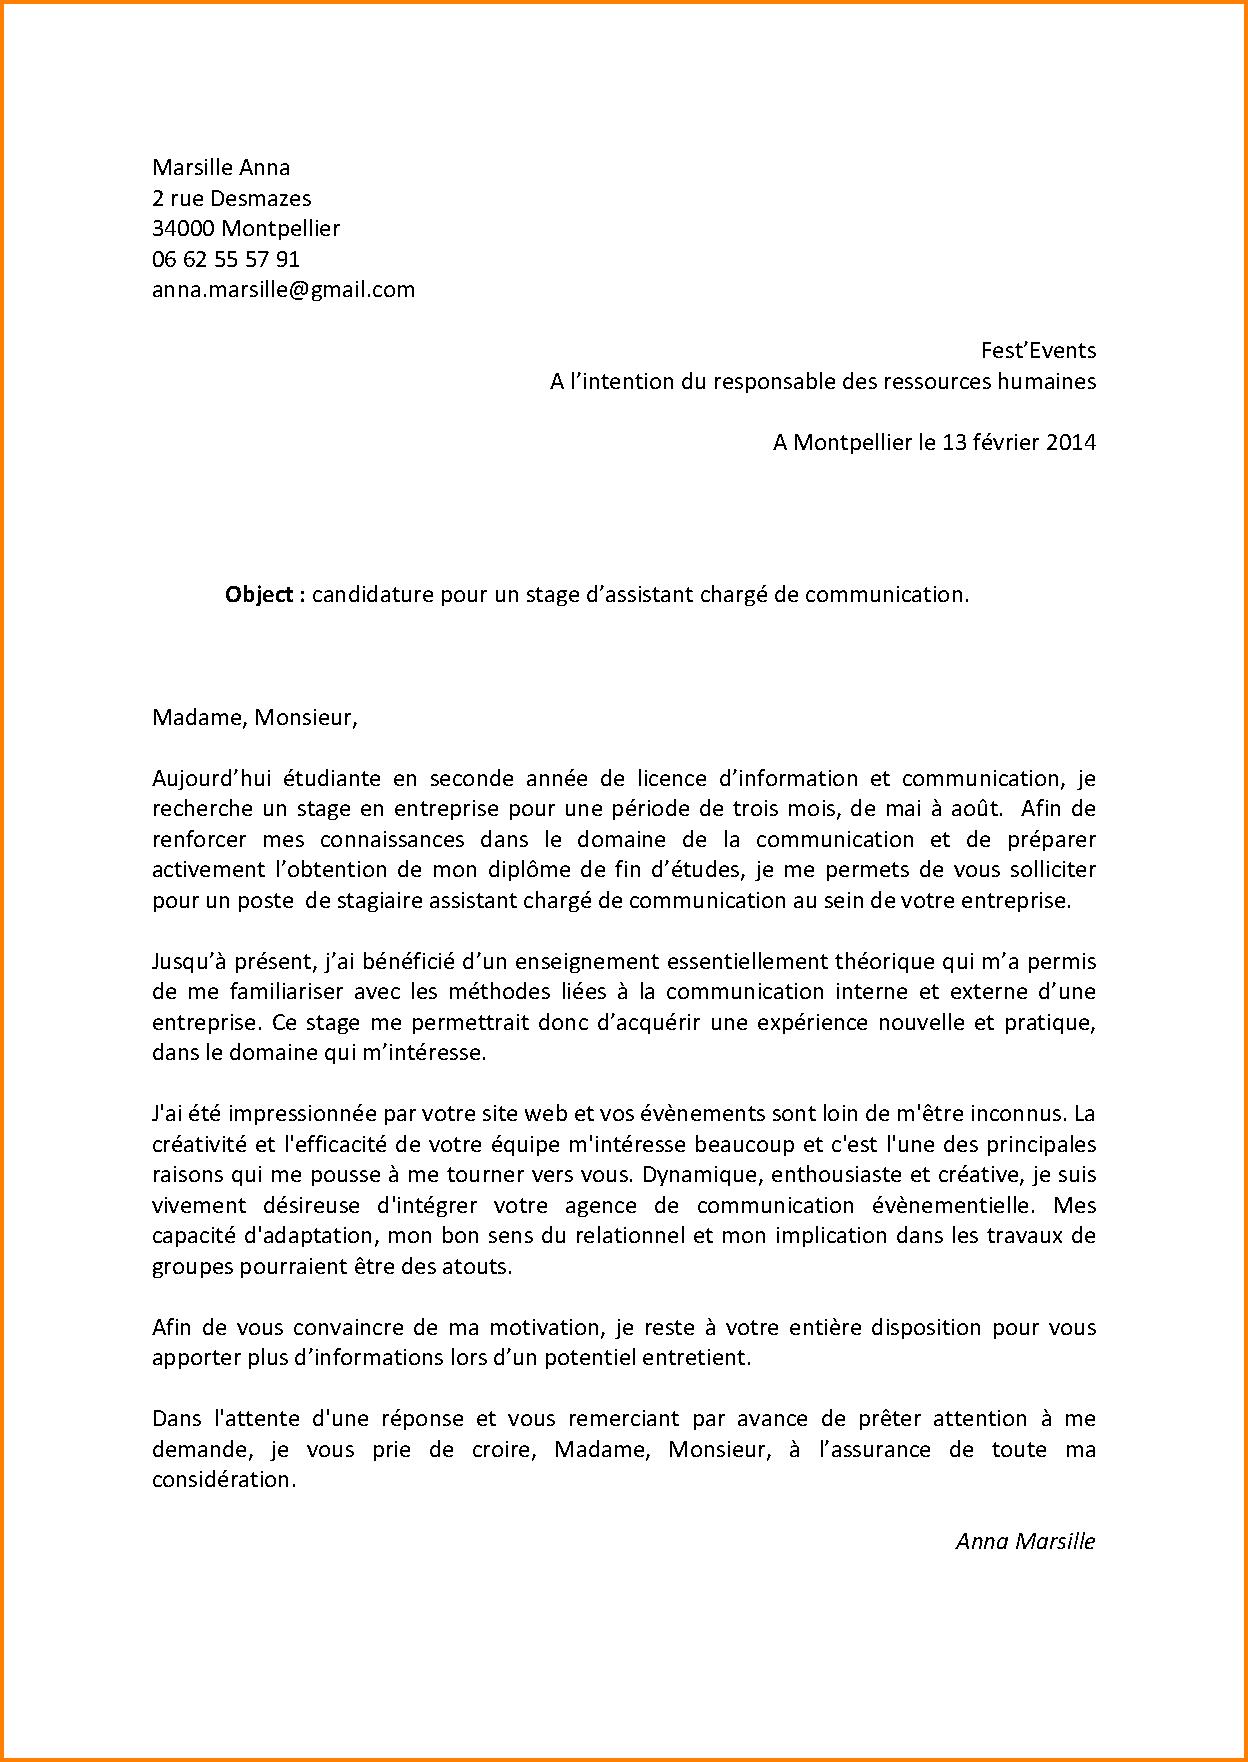 Exemple de lettre de motivation pour un poste en interne